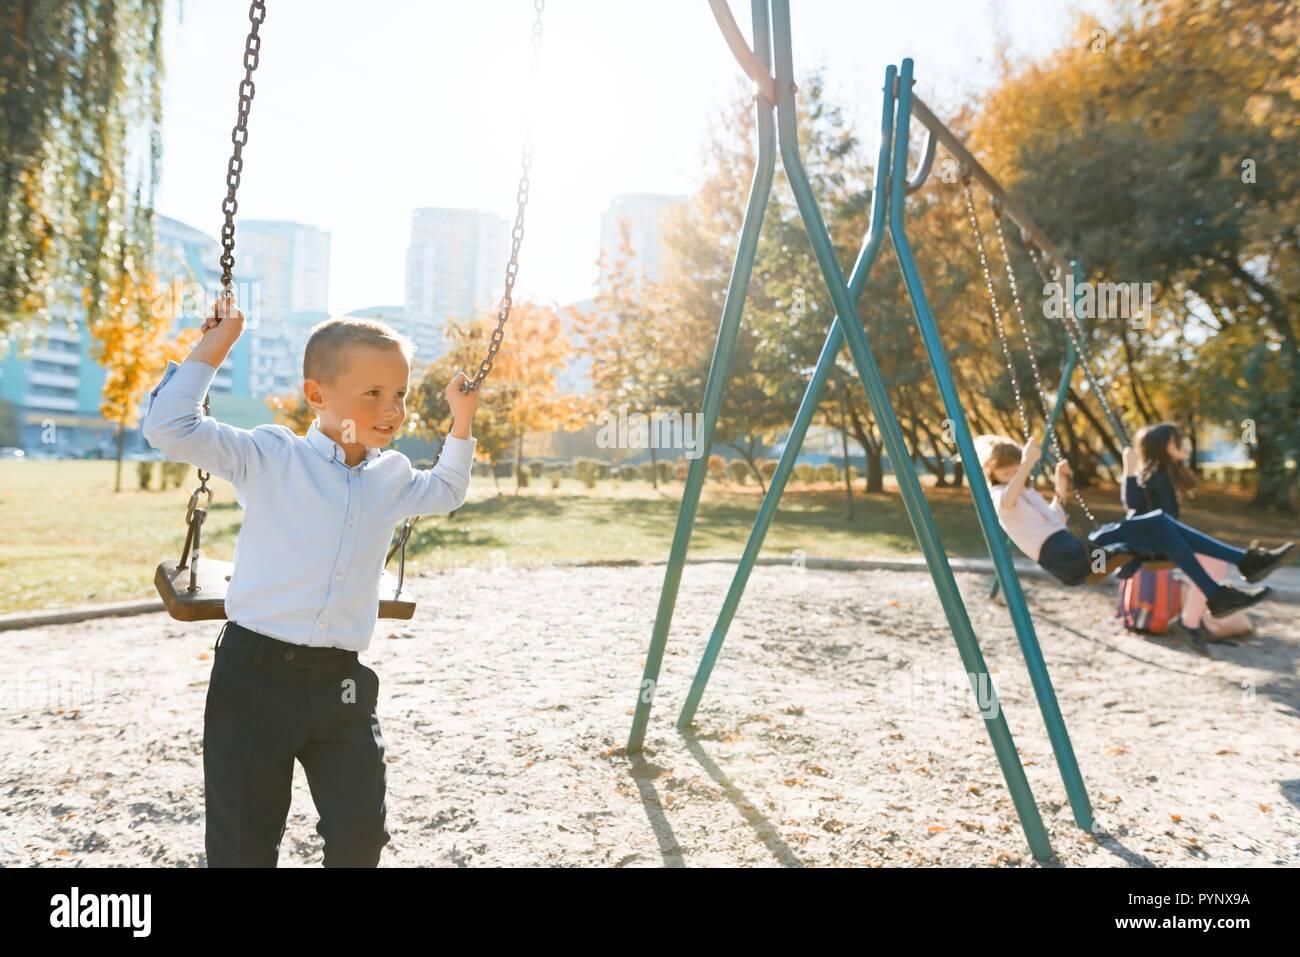 Kinder fahren auf einer Schaukel im Herbst Park. Konzentrieren Sie sich auf die Junge, die Mädchen, die in der Entfernung, goldenen Stunde. Stockfoto